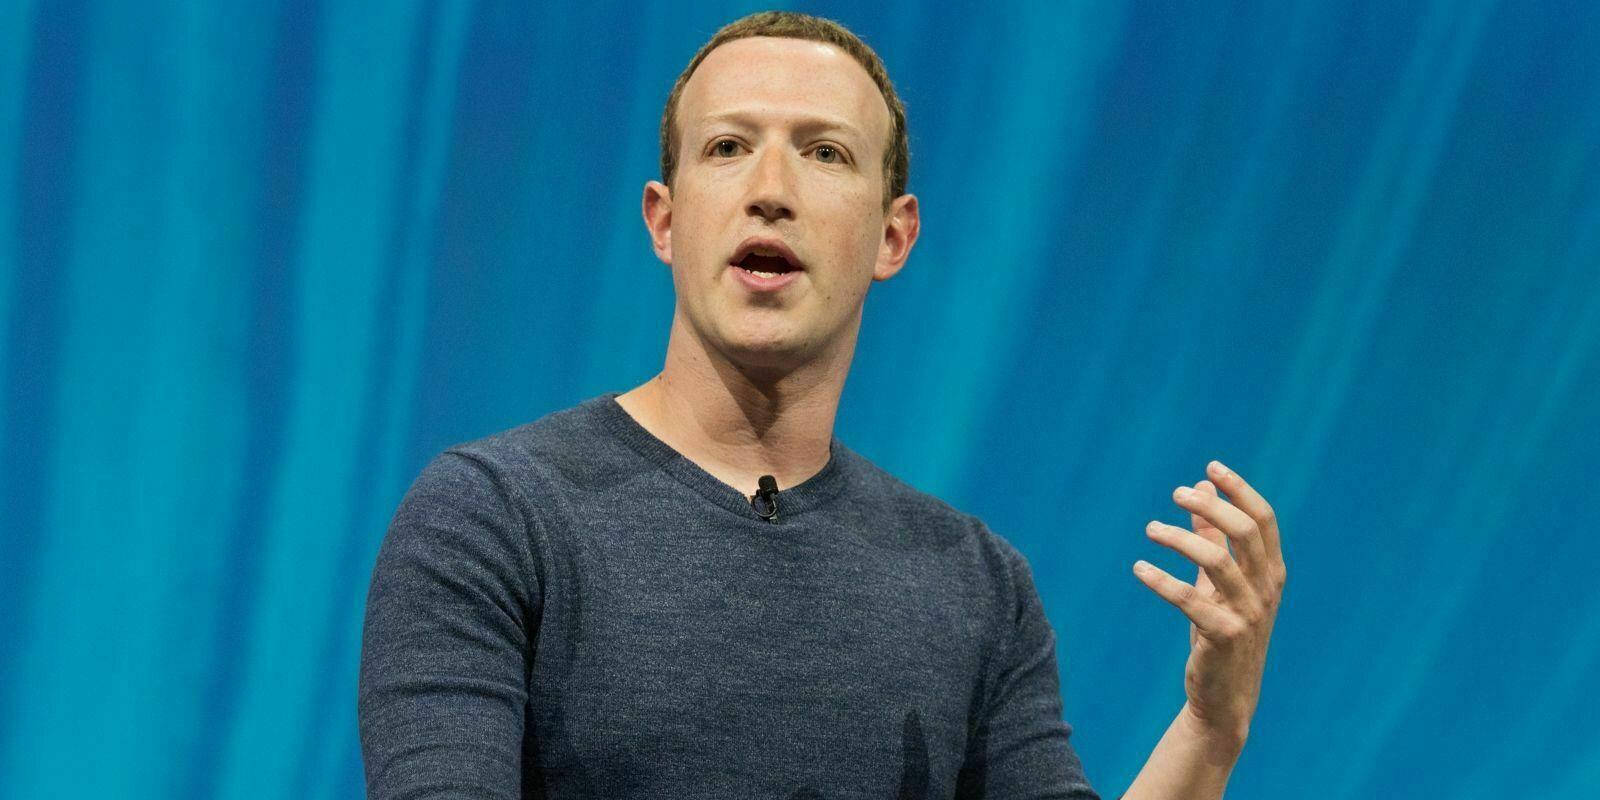 Zuckerberg : Libra peut réparer un système financier défaillant